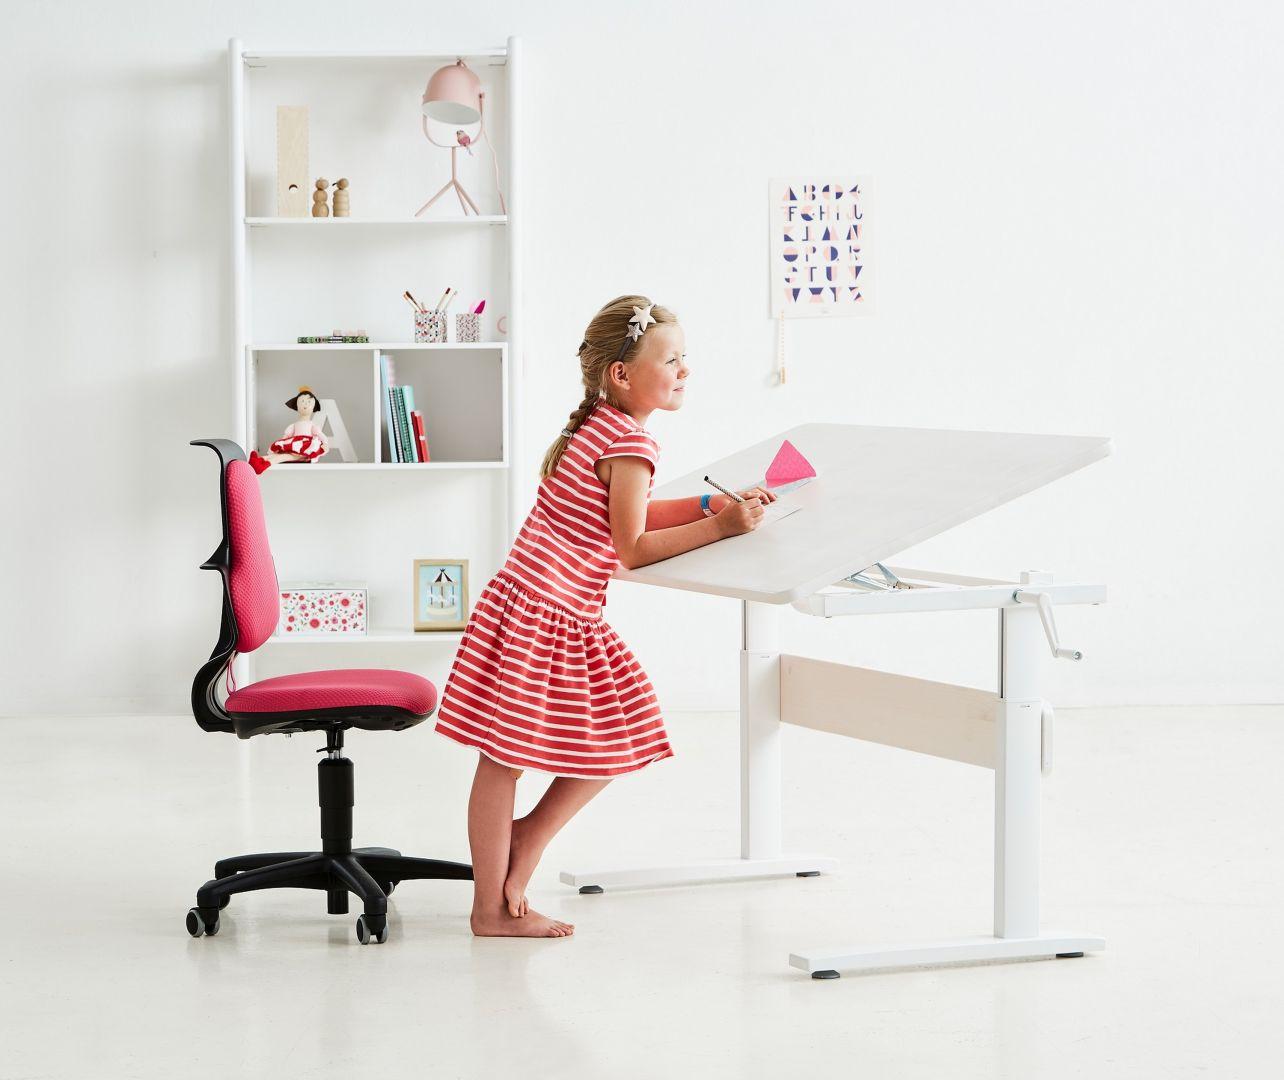 """W przypadku małych dzieci, warto postawić na takie meble, które """"rosną"""" wraz z nimi. Regulowana wysokość blatu czy siedziska to bardzo pożądane cechy dziecięcych mebli. Fot. Flexa Bonami."""